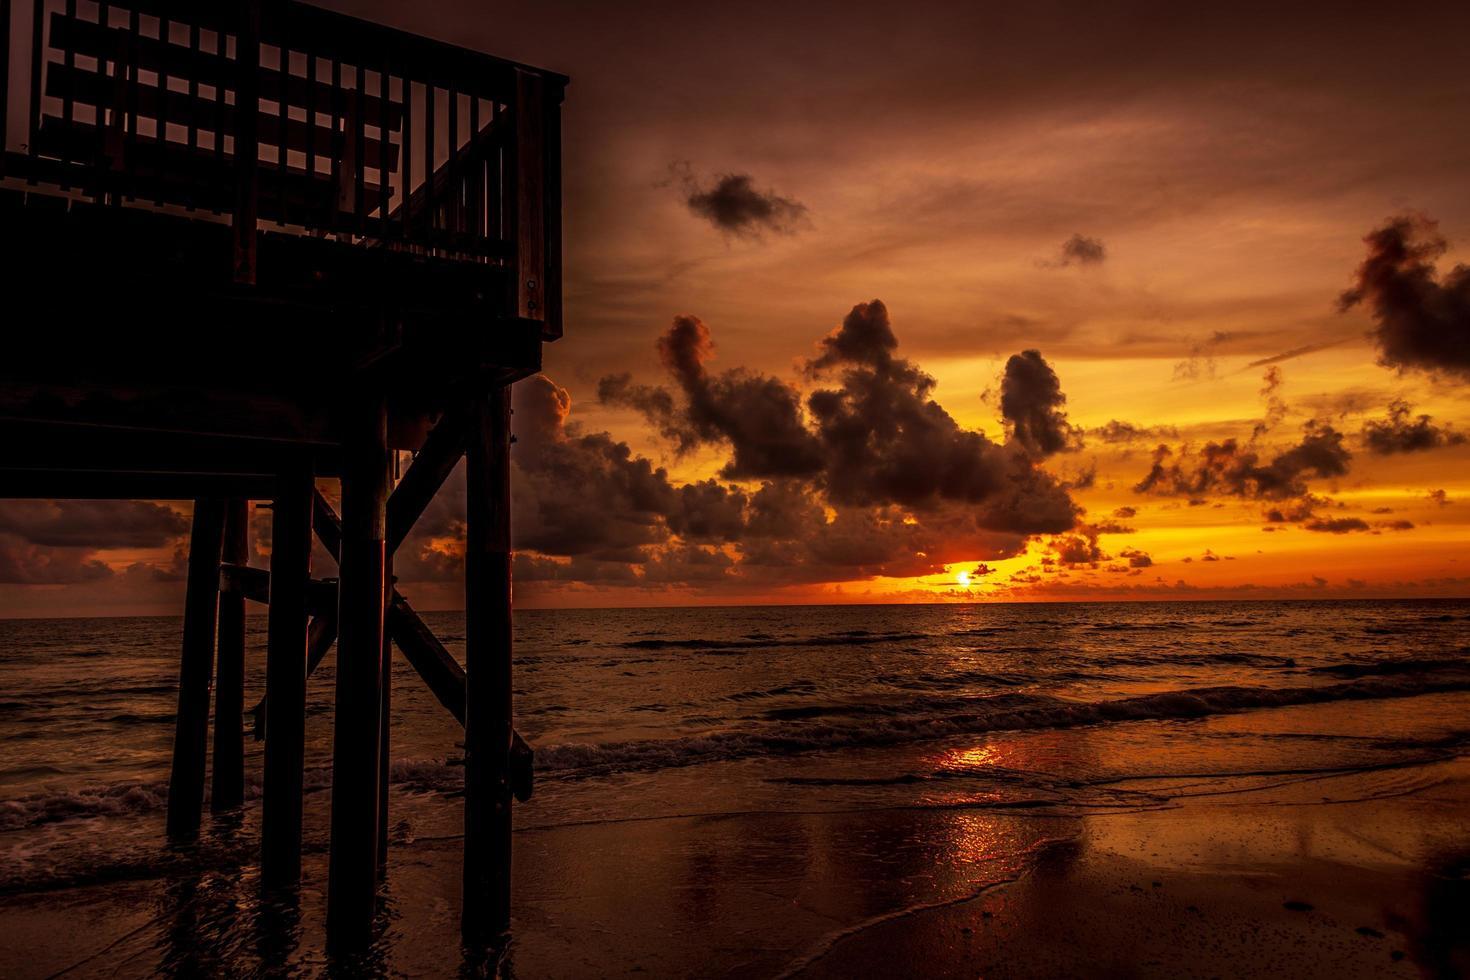 Ocean at dawn photo